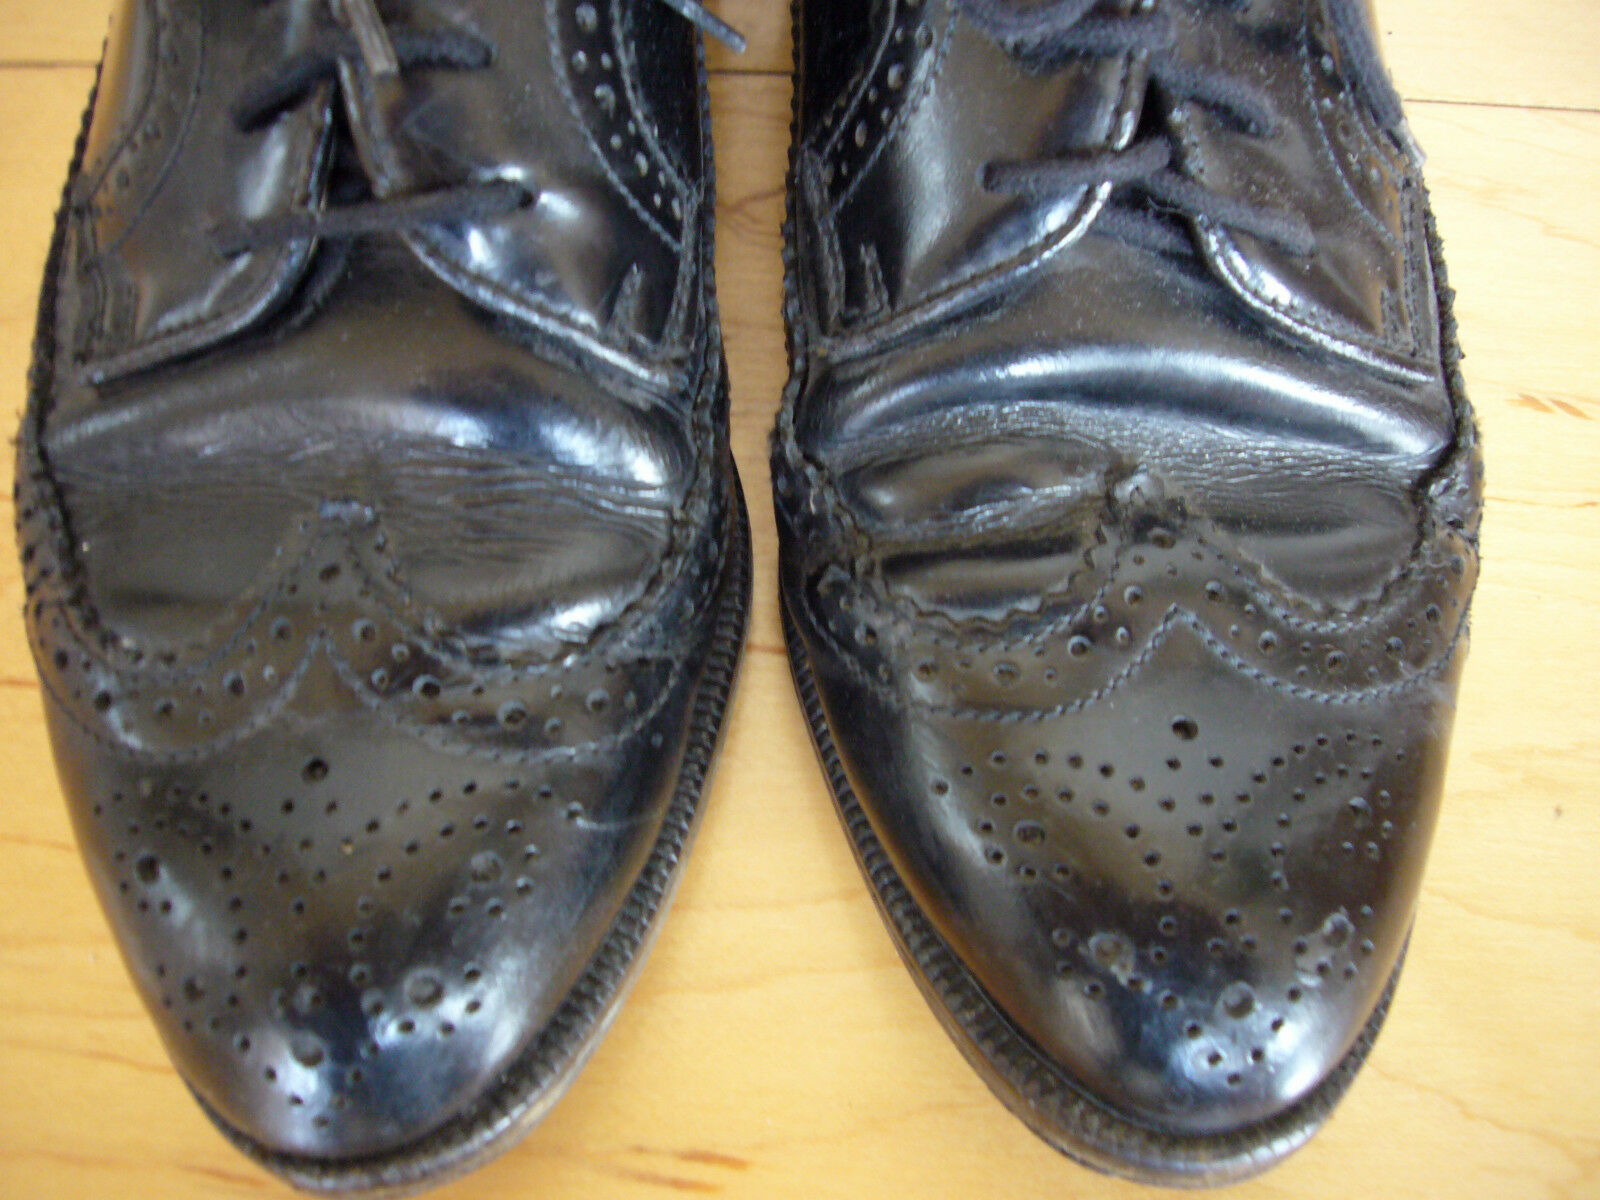 Leder StiefelD Beige/Grau MANG im Western-Stil Beige/Grau StiefelD Vintage Look Gr.36 #Trend 4fed1b